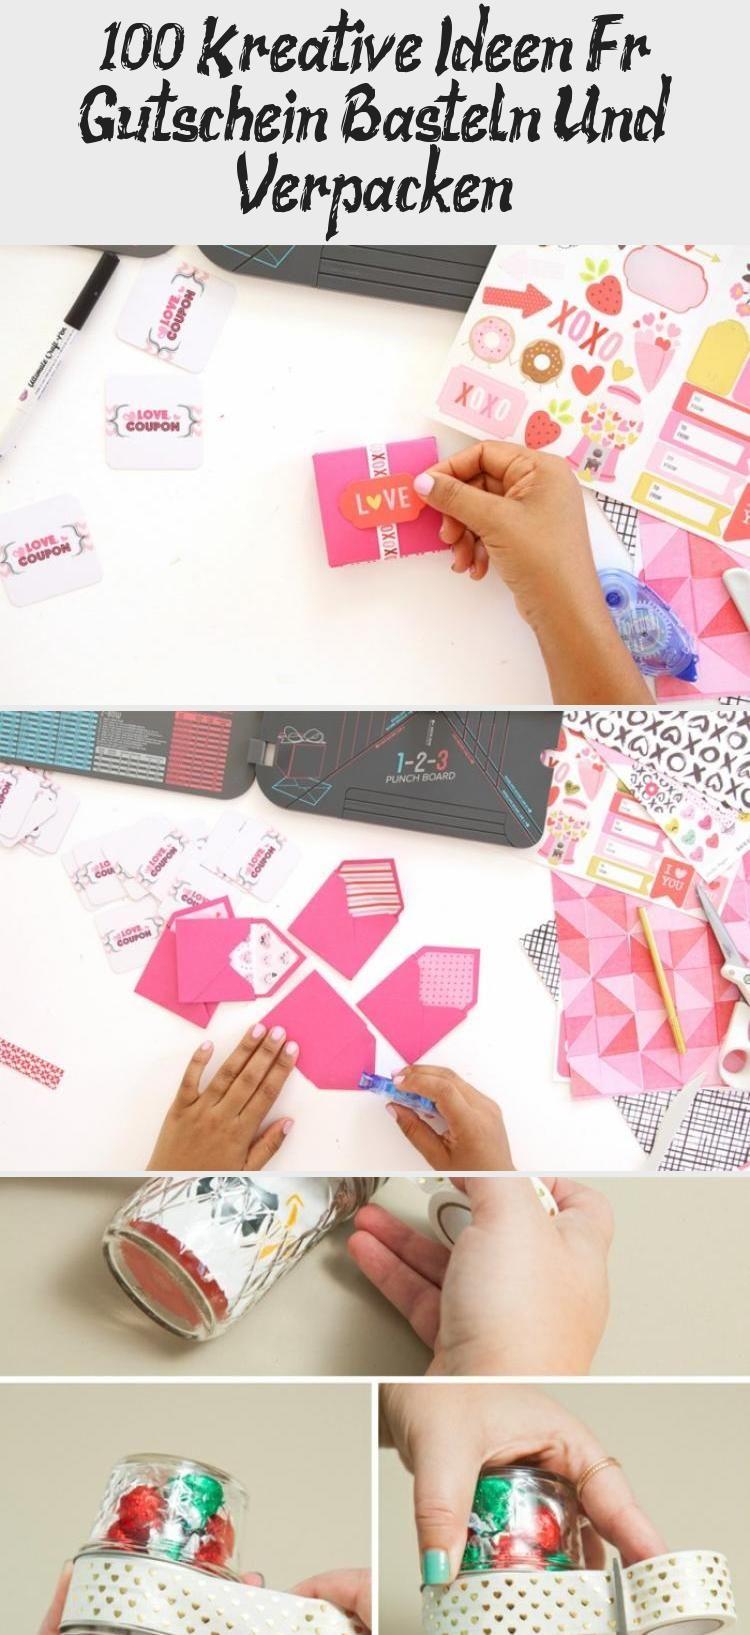 100 Kreative Ideen Für Gutschein Basteln Und Verpacken #kinogutscheinbasteln